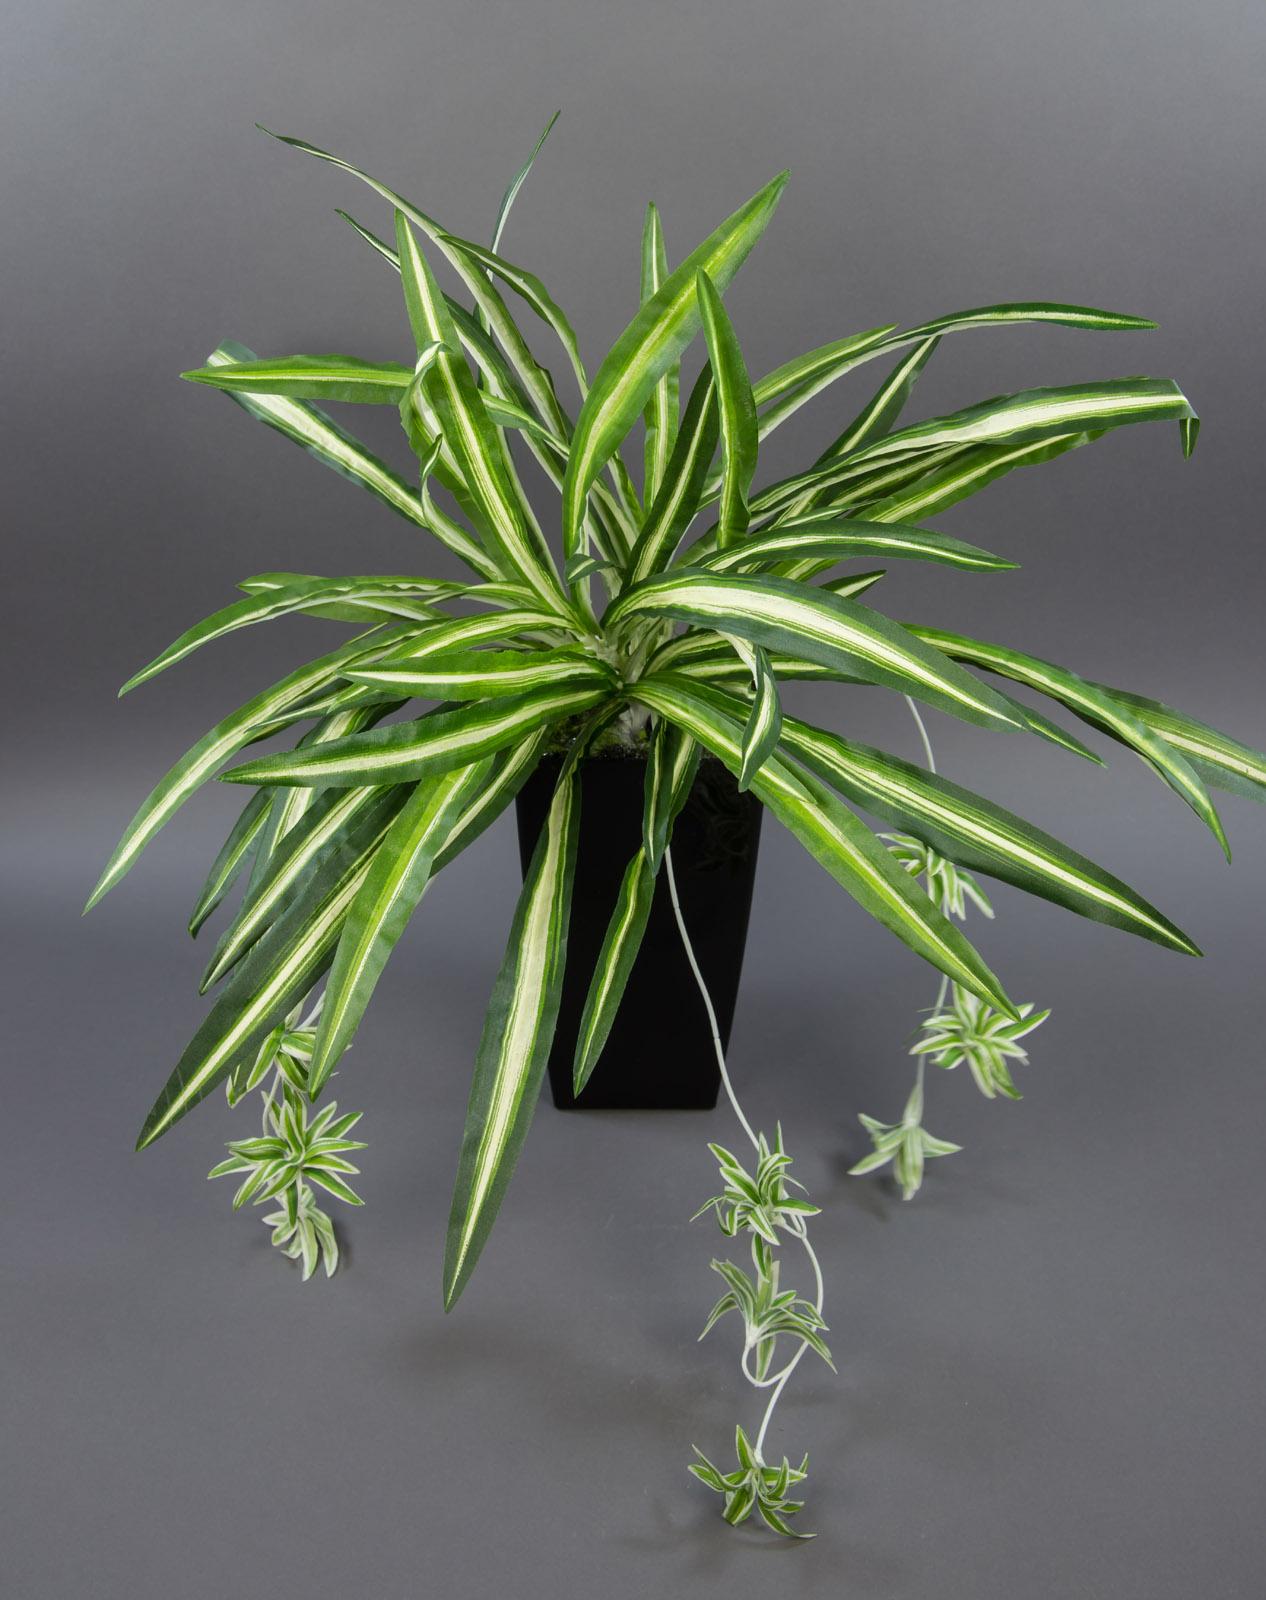 gr nlilie 60x54cm ohne topf pf kunstpflanzen k nstliche pflanzen spider ebay. Black Bedroom Furniture Sets. Home Design Ideas